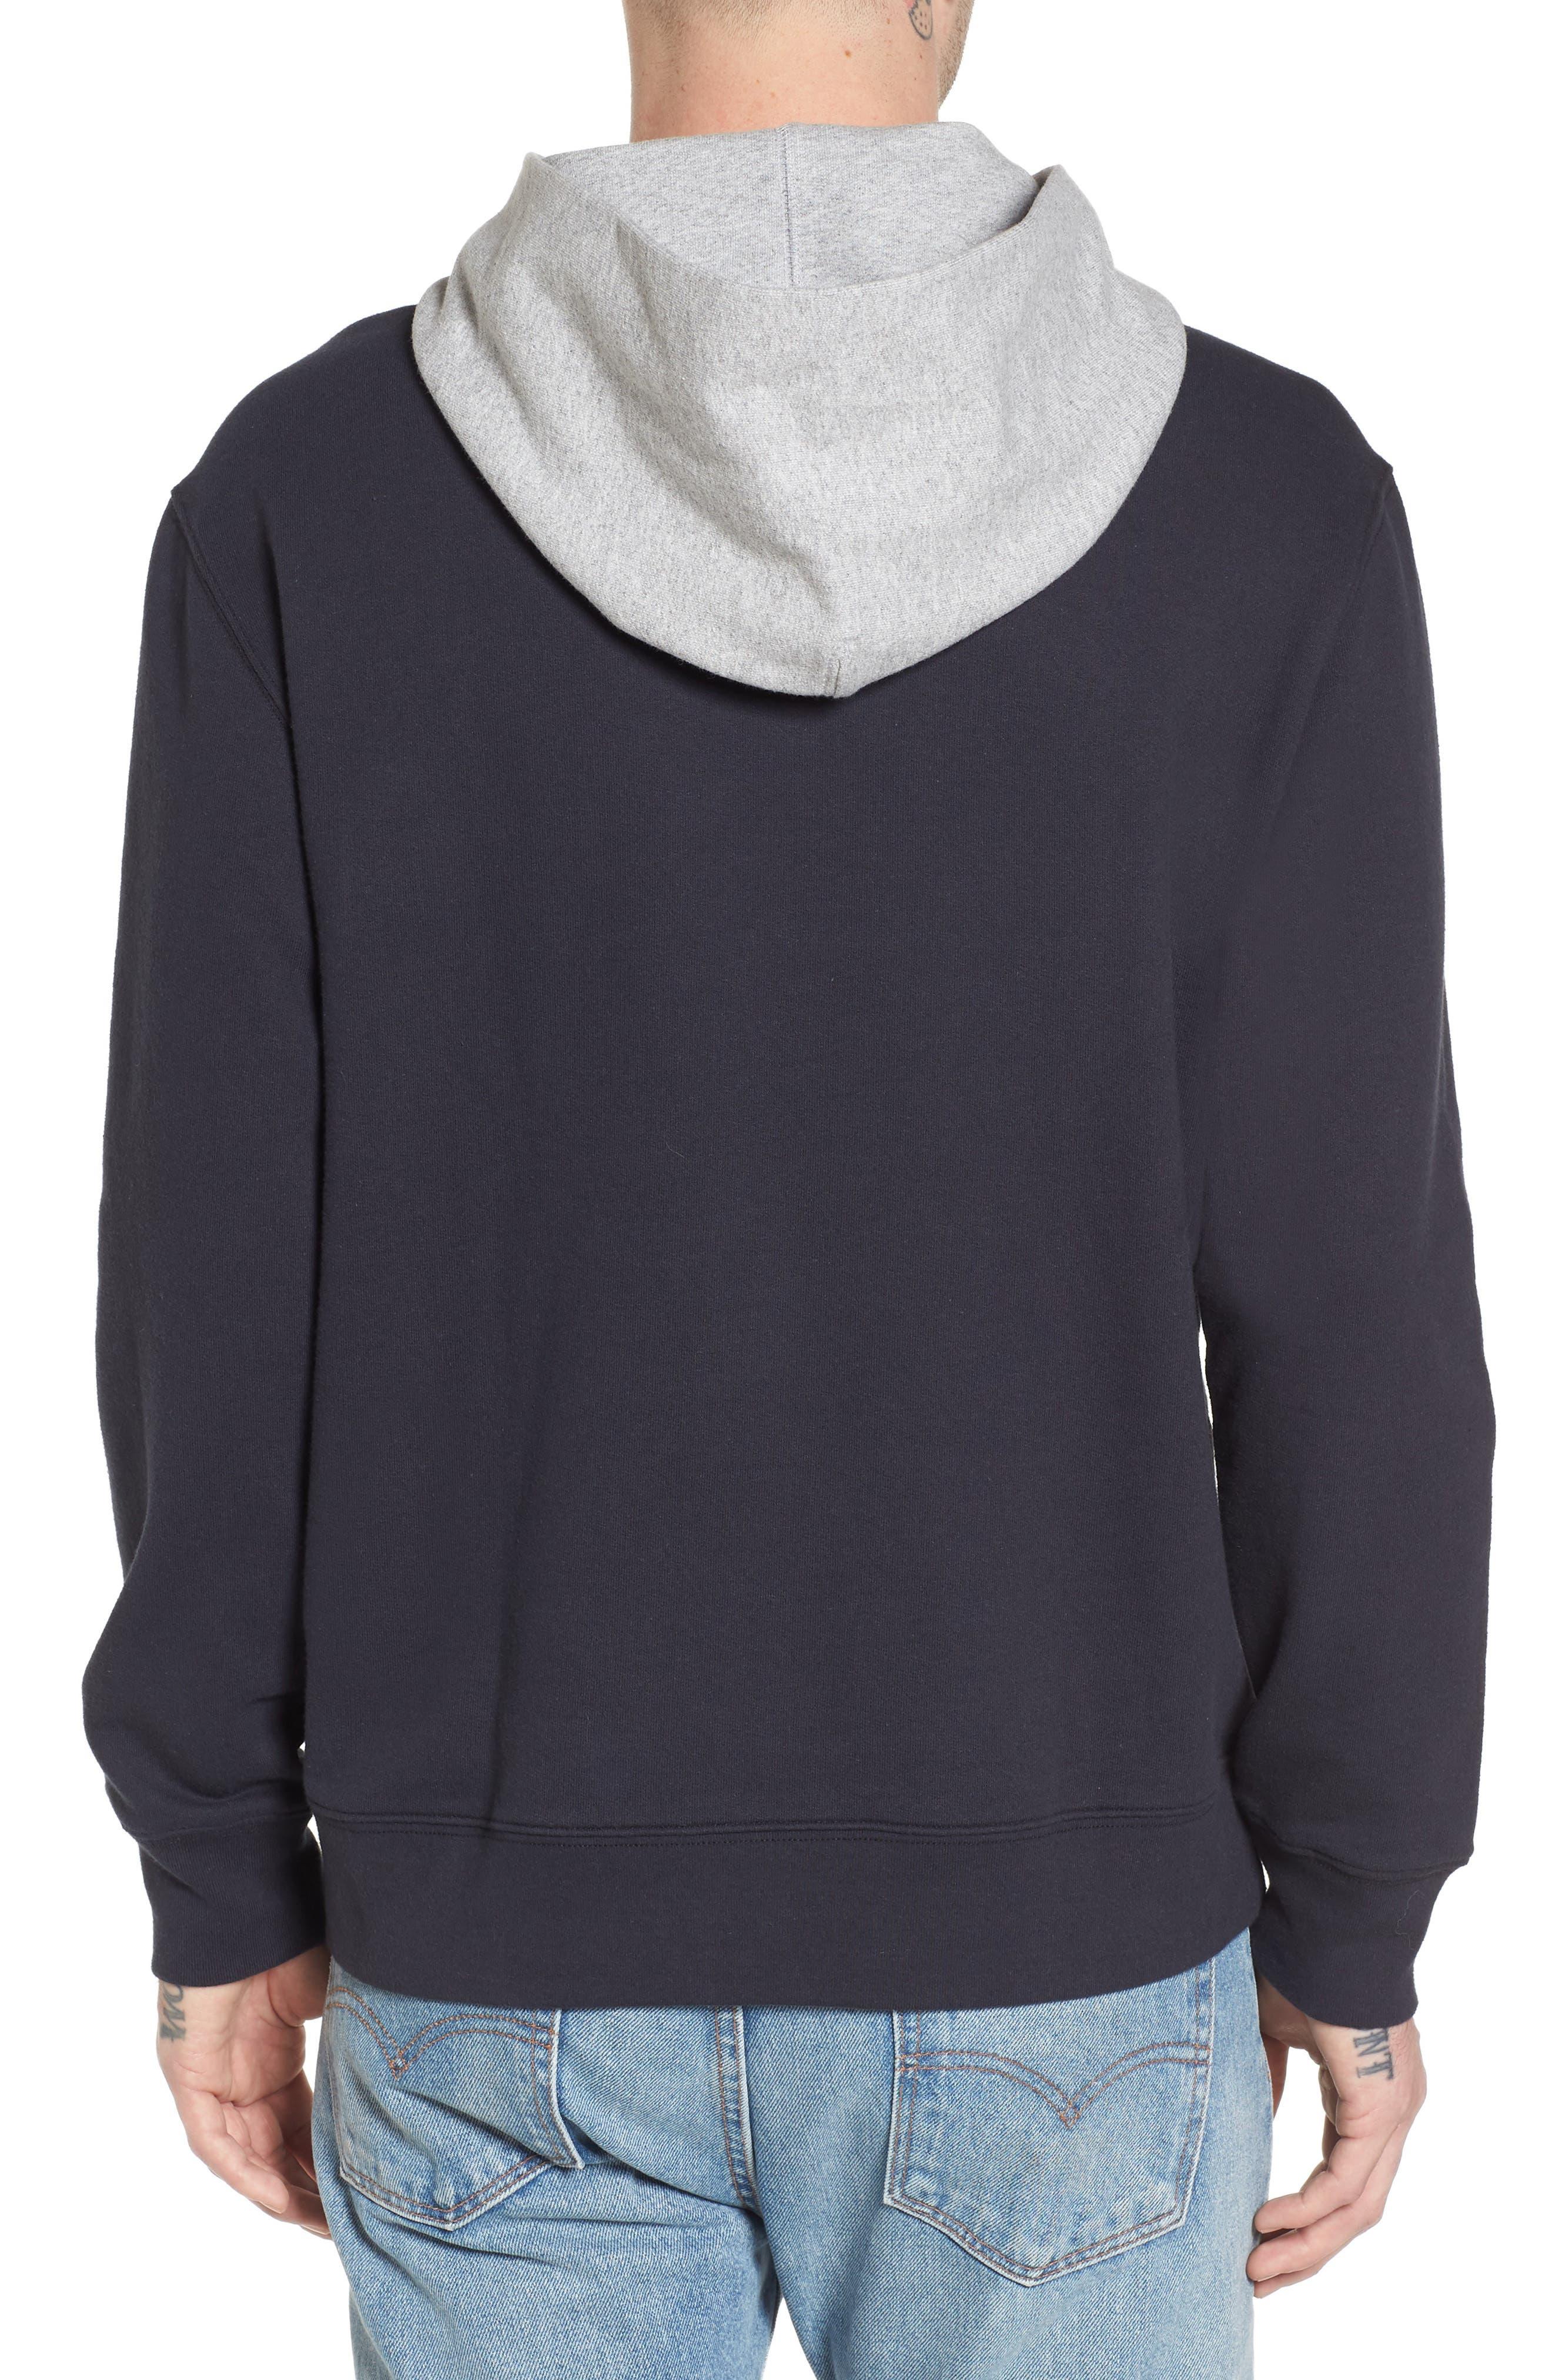 Colorblock Hoodie Sweatshirt,                             Alternate thumbnail 2, color,                             001